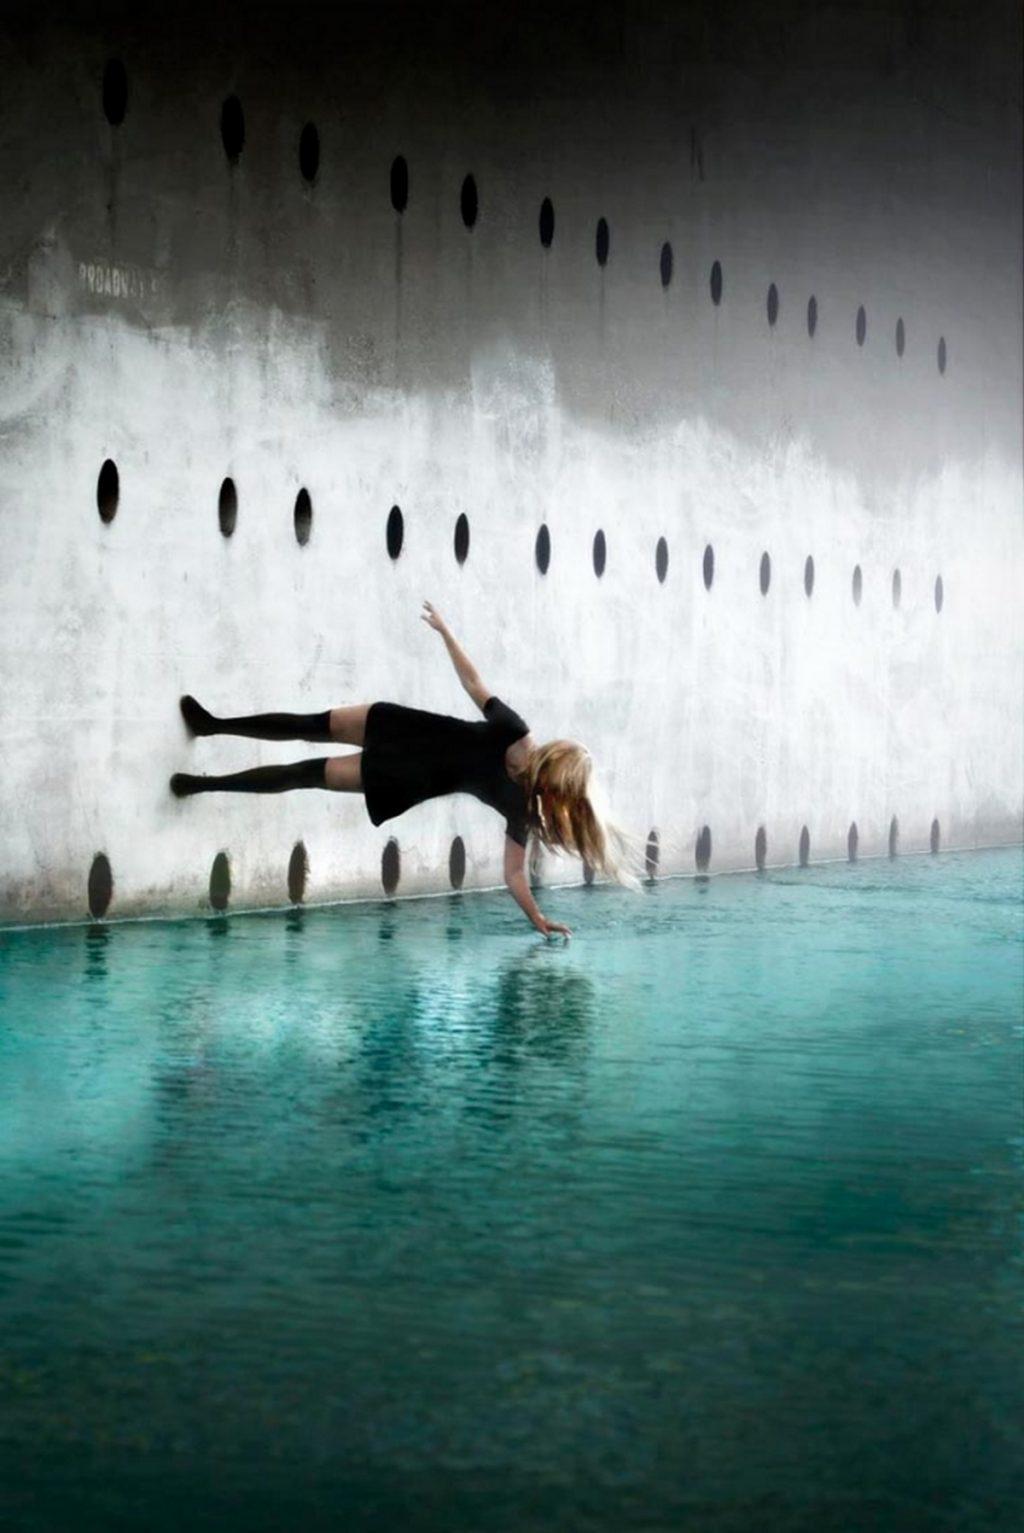 Mike Dempsey défie la gravité dans ses photographies aériennes